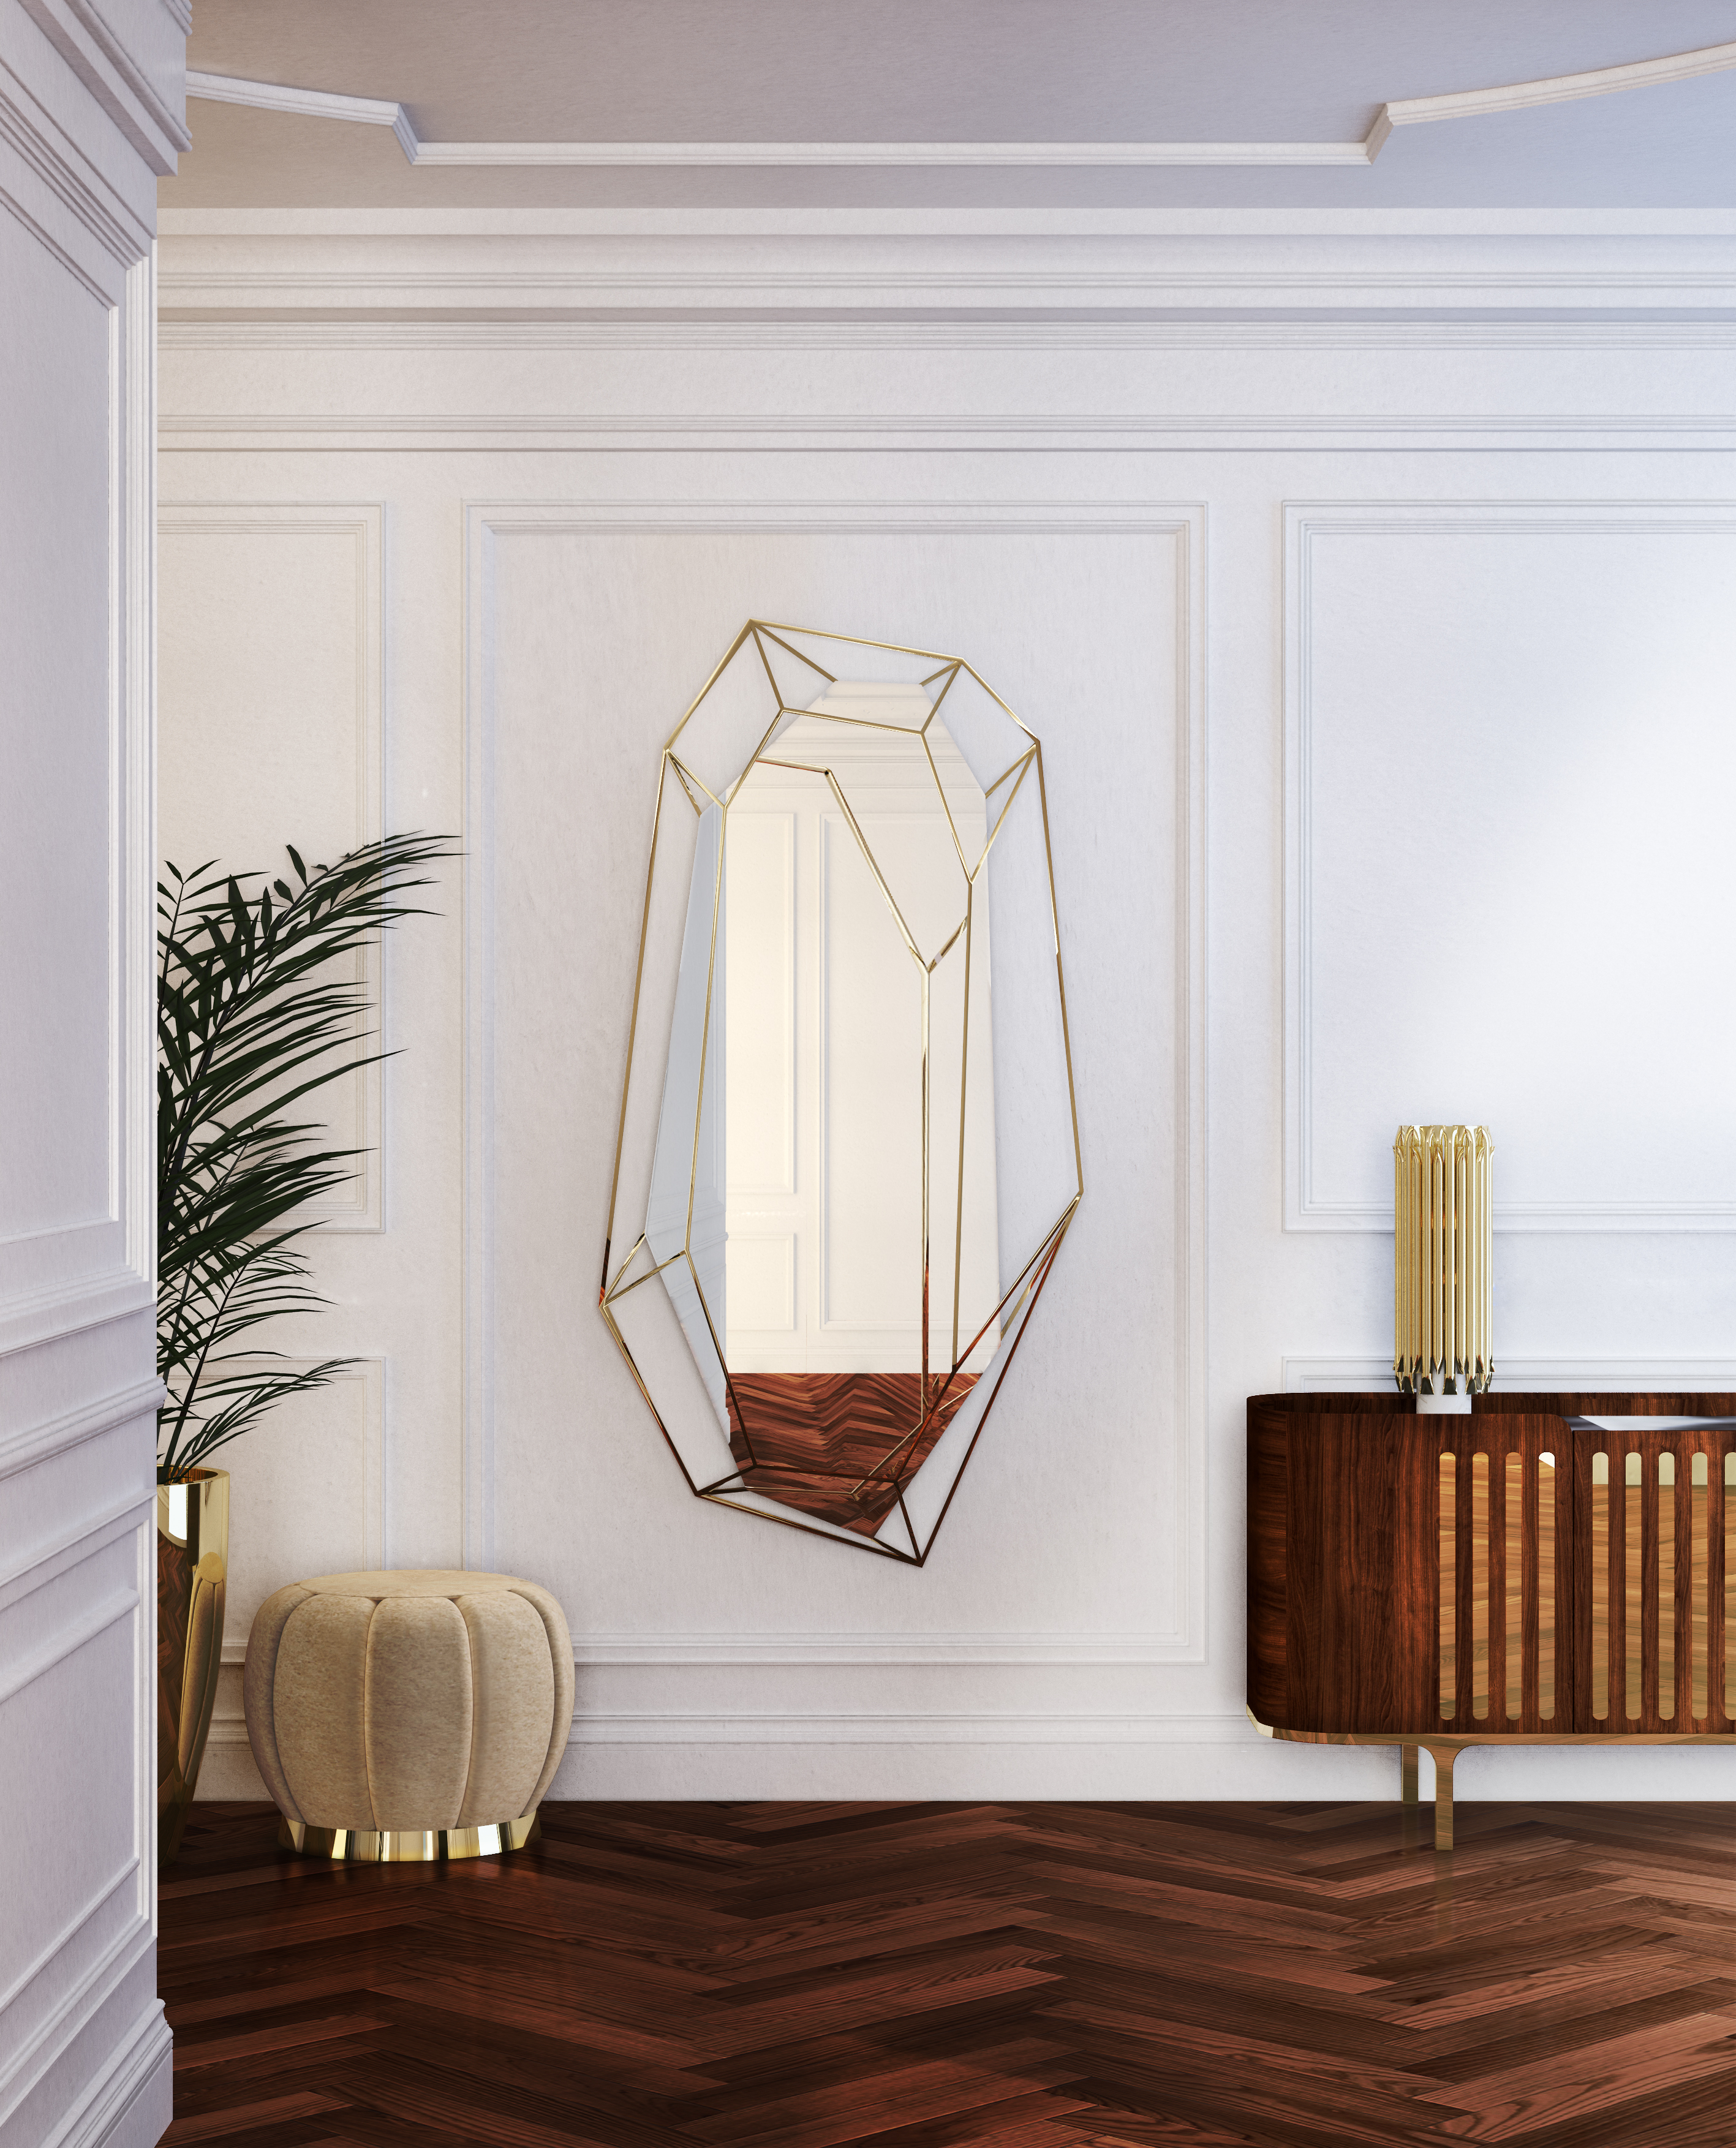 zrcadla v interiéru